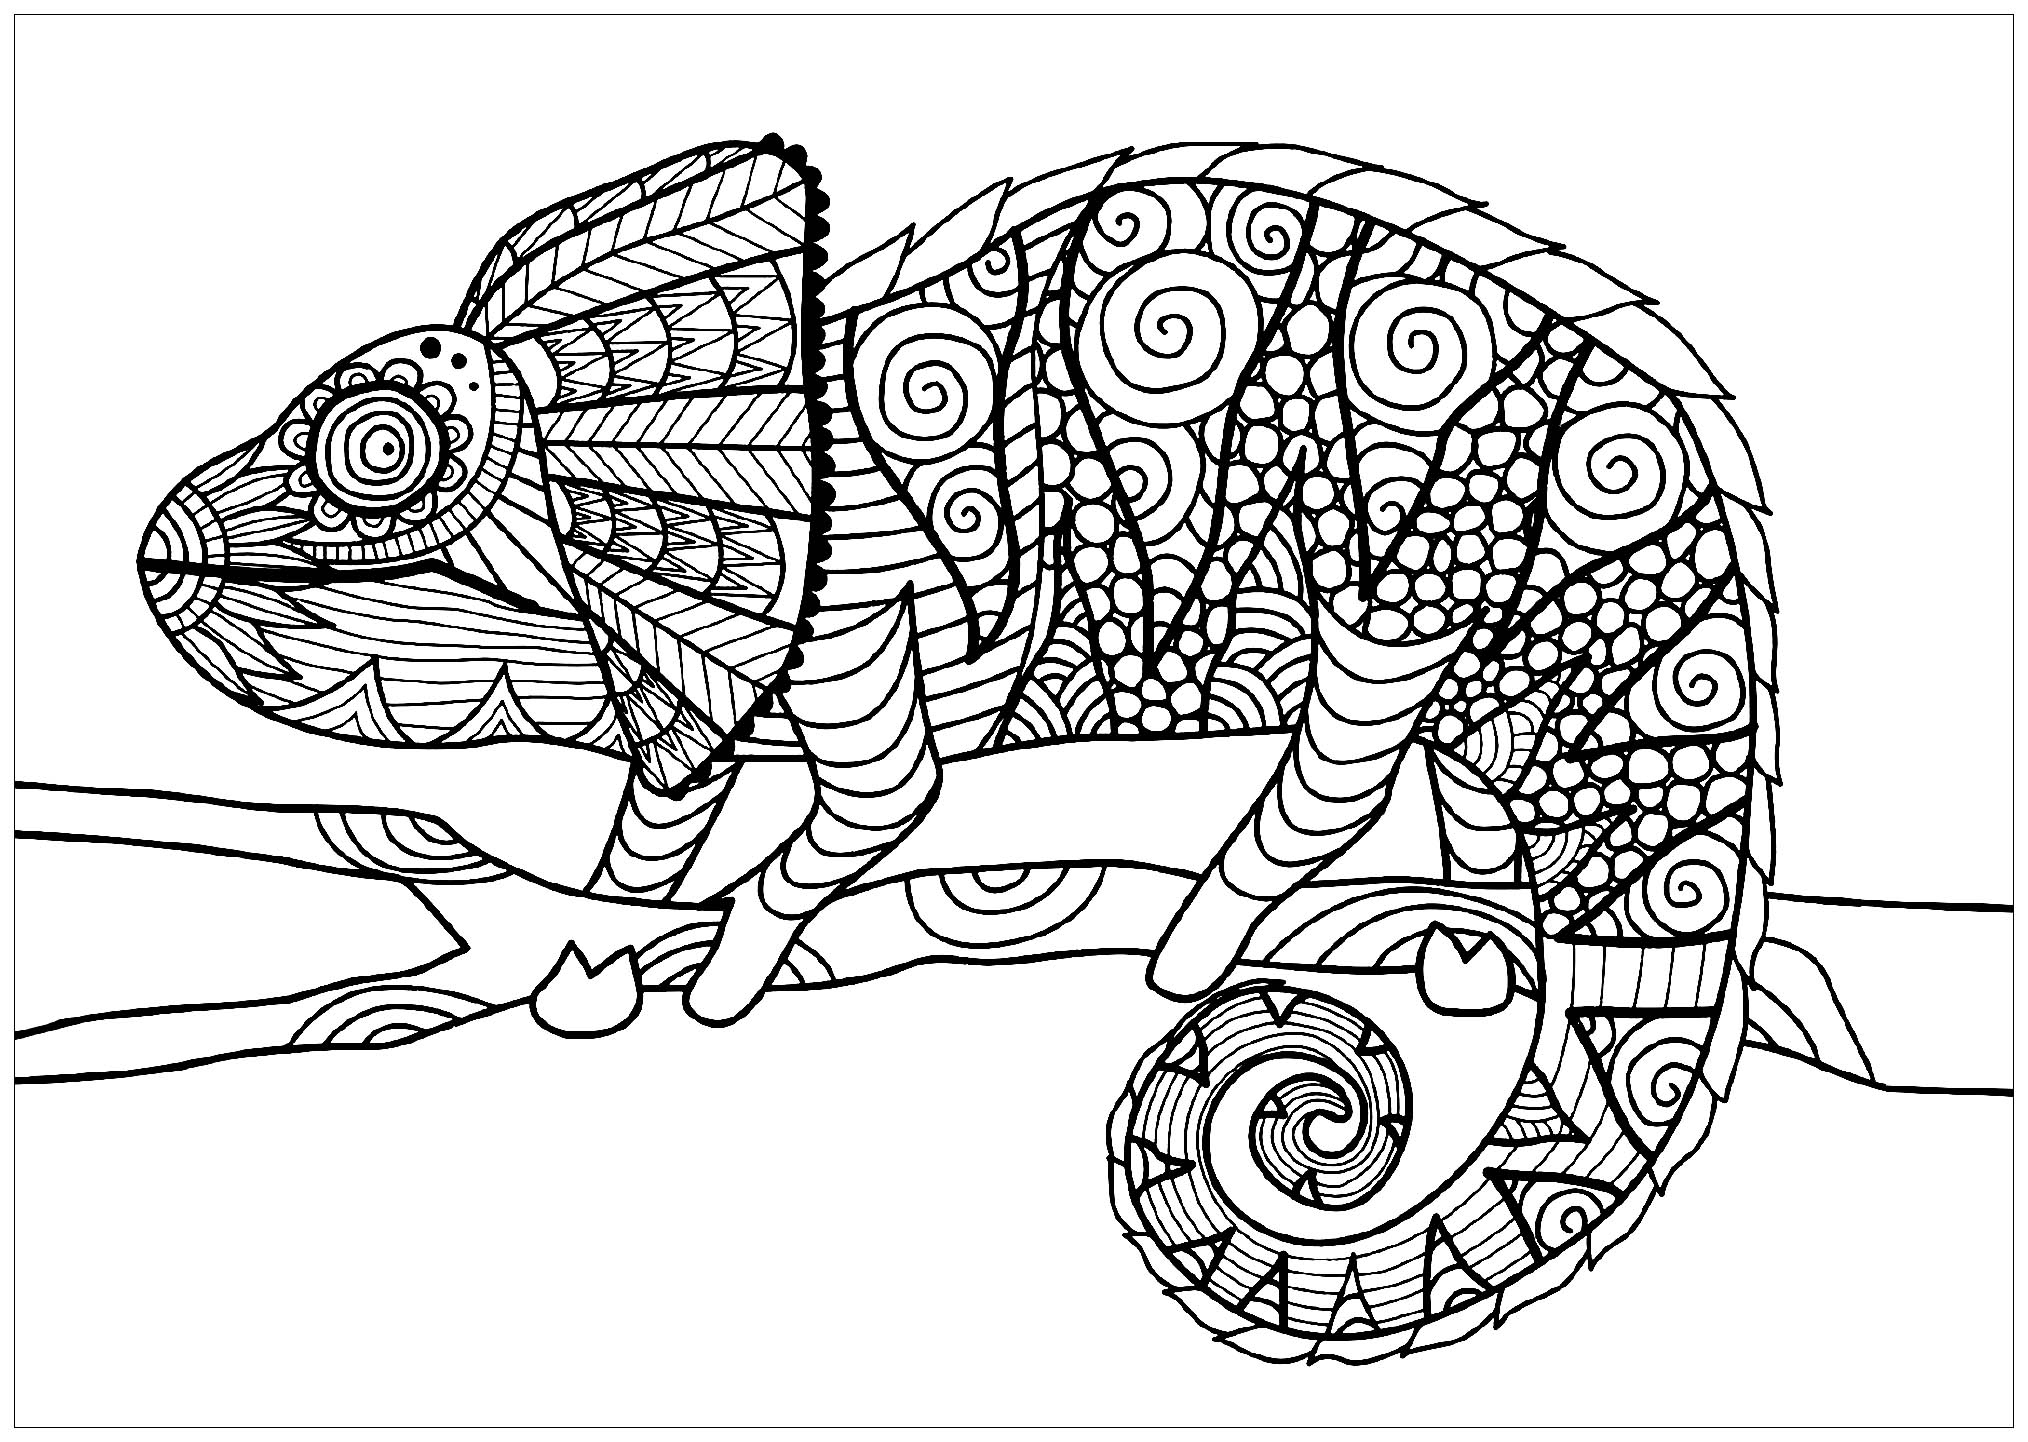 Imagenes De Mandalas Para Colorear De Animales: Camaleones Y Lagartos 51704